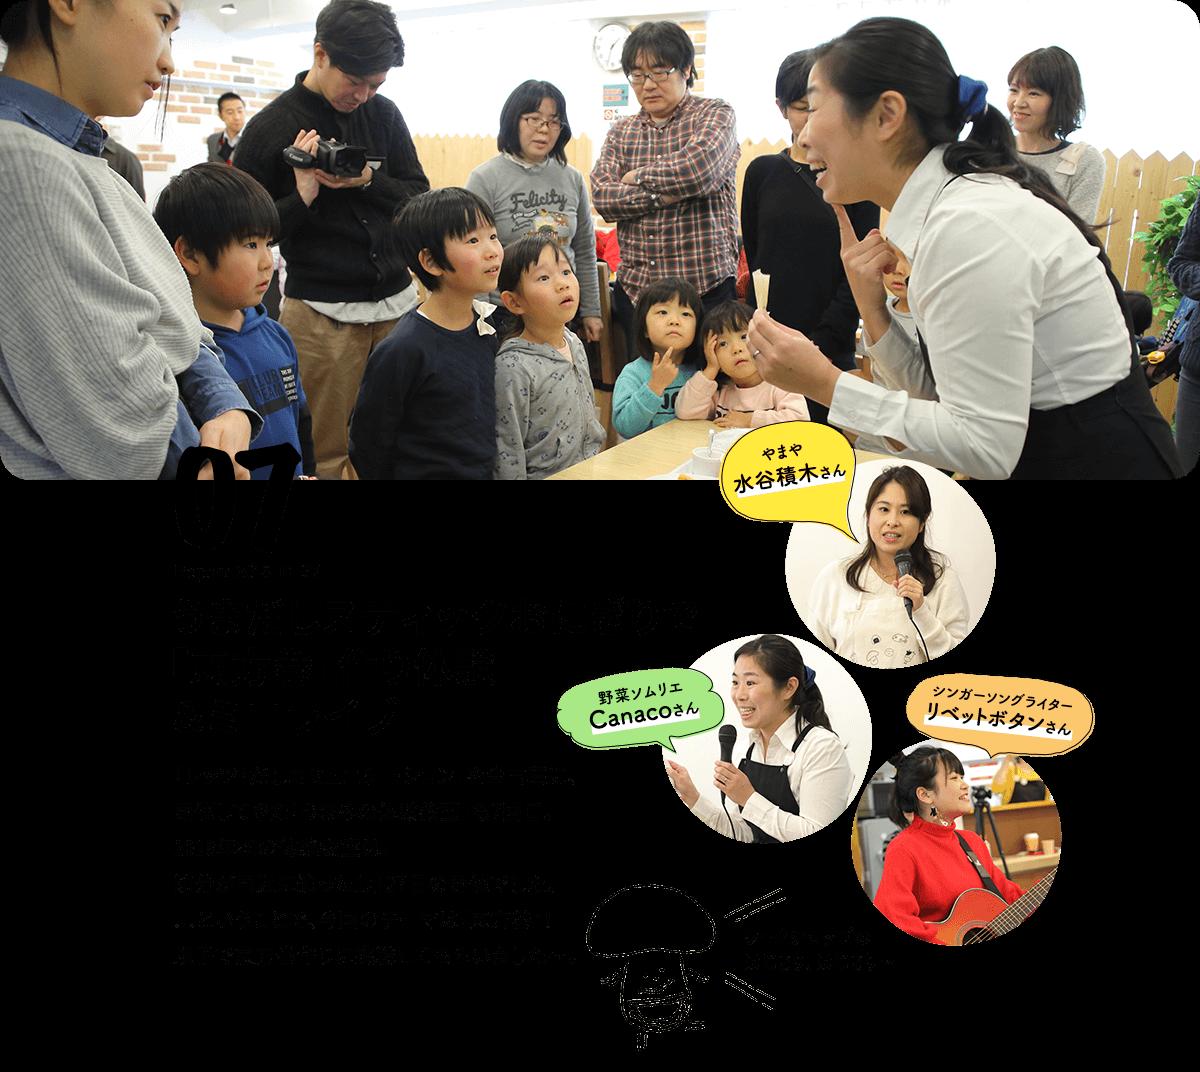 07.うまだしスティックおにぎりで「恵方巻」作り体験&ミニライブ